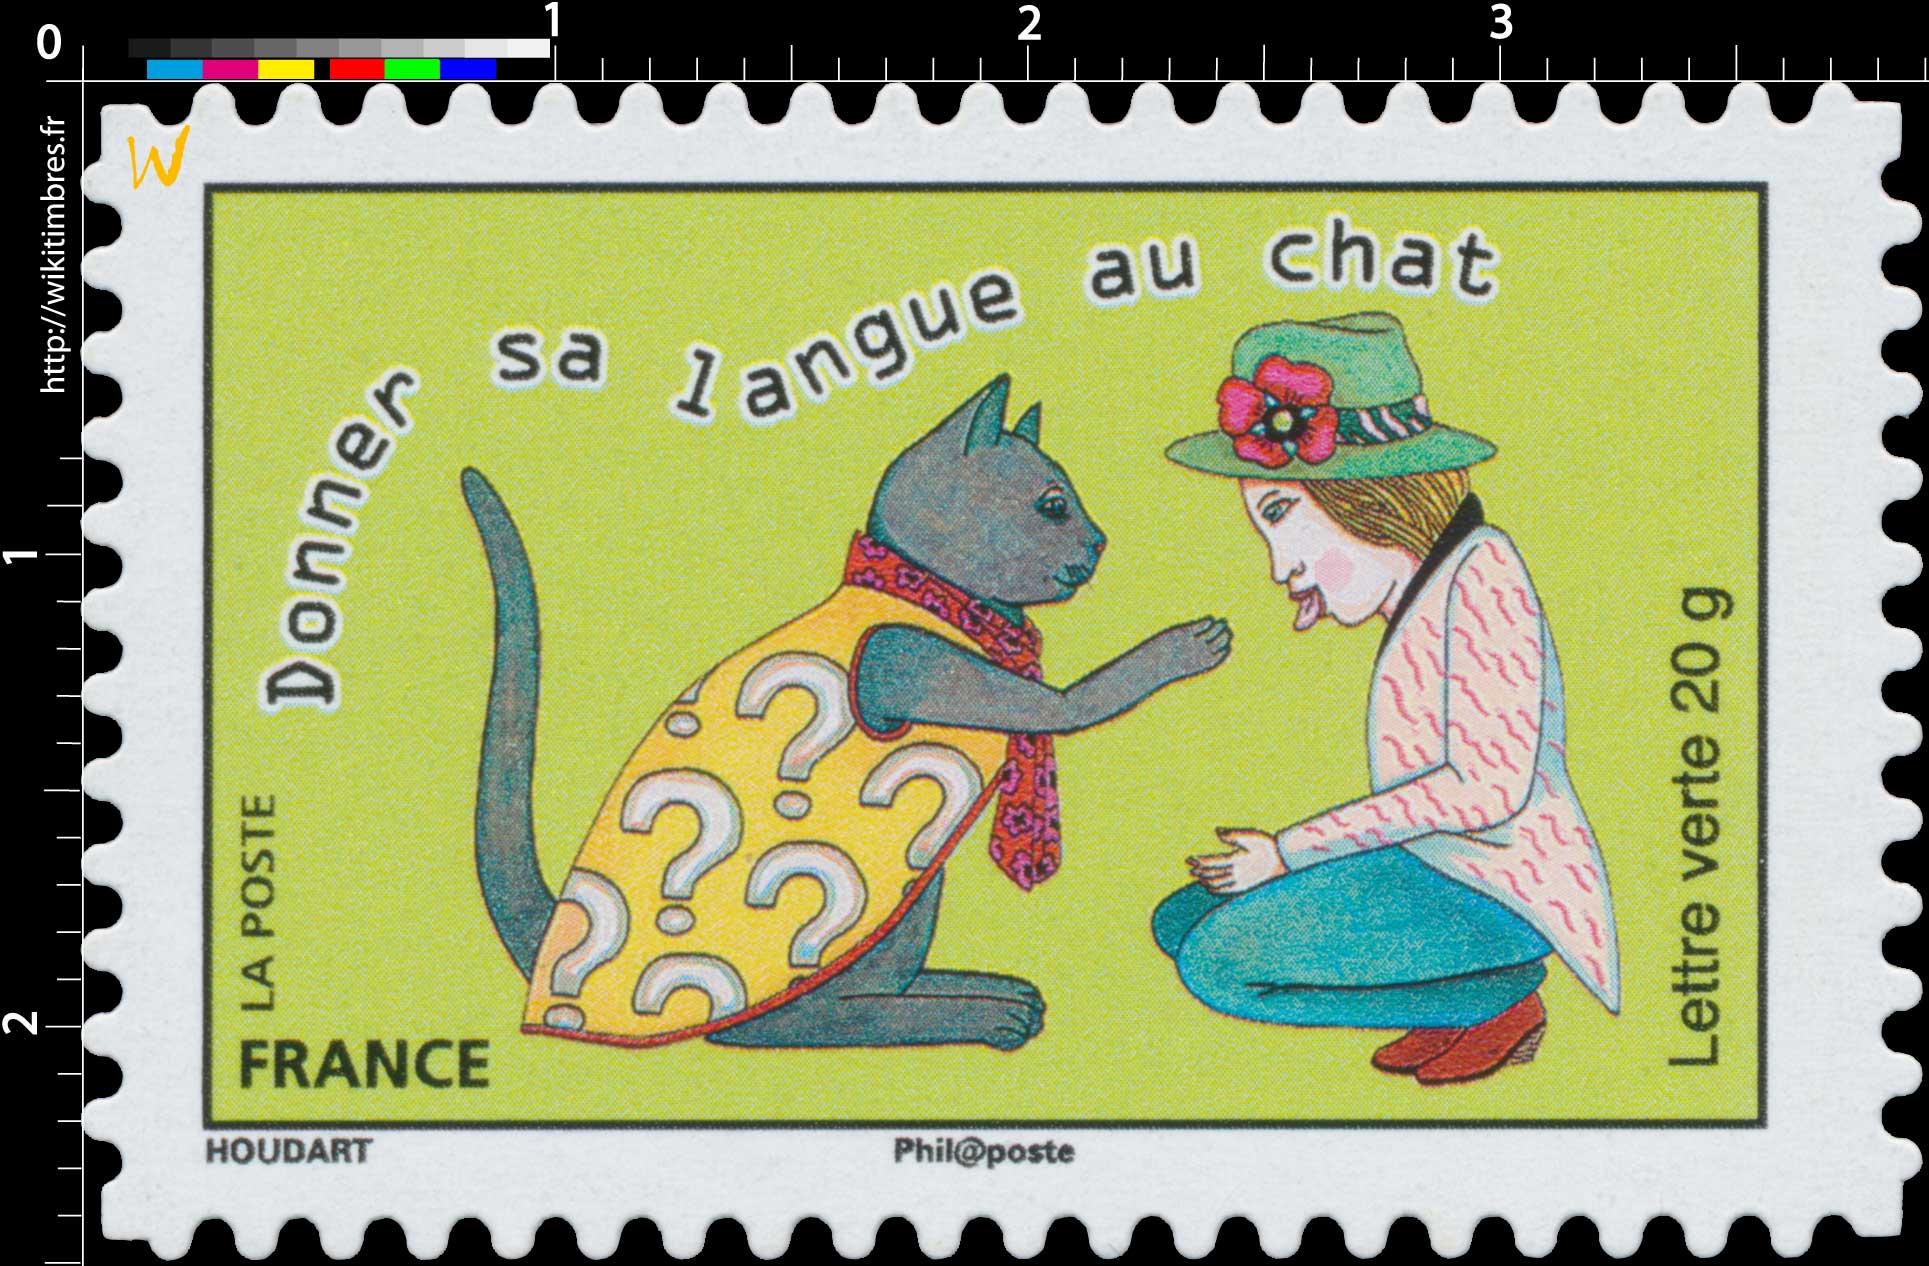 2015 Donner sa langue au chat